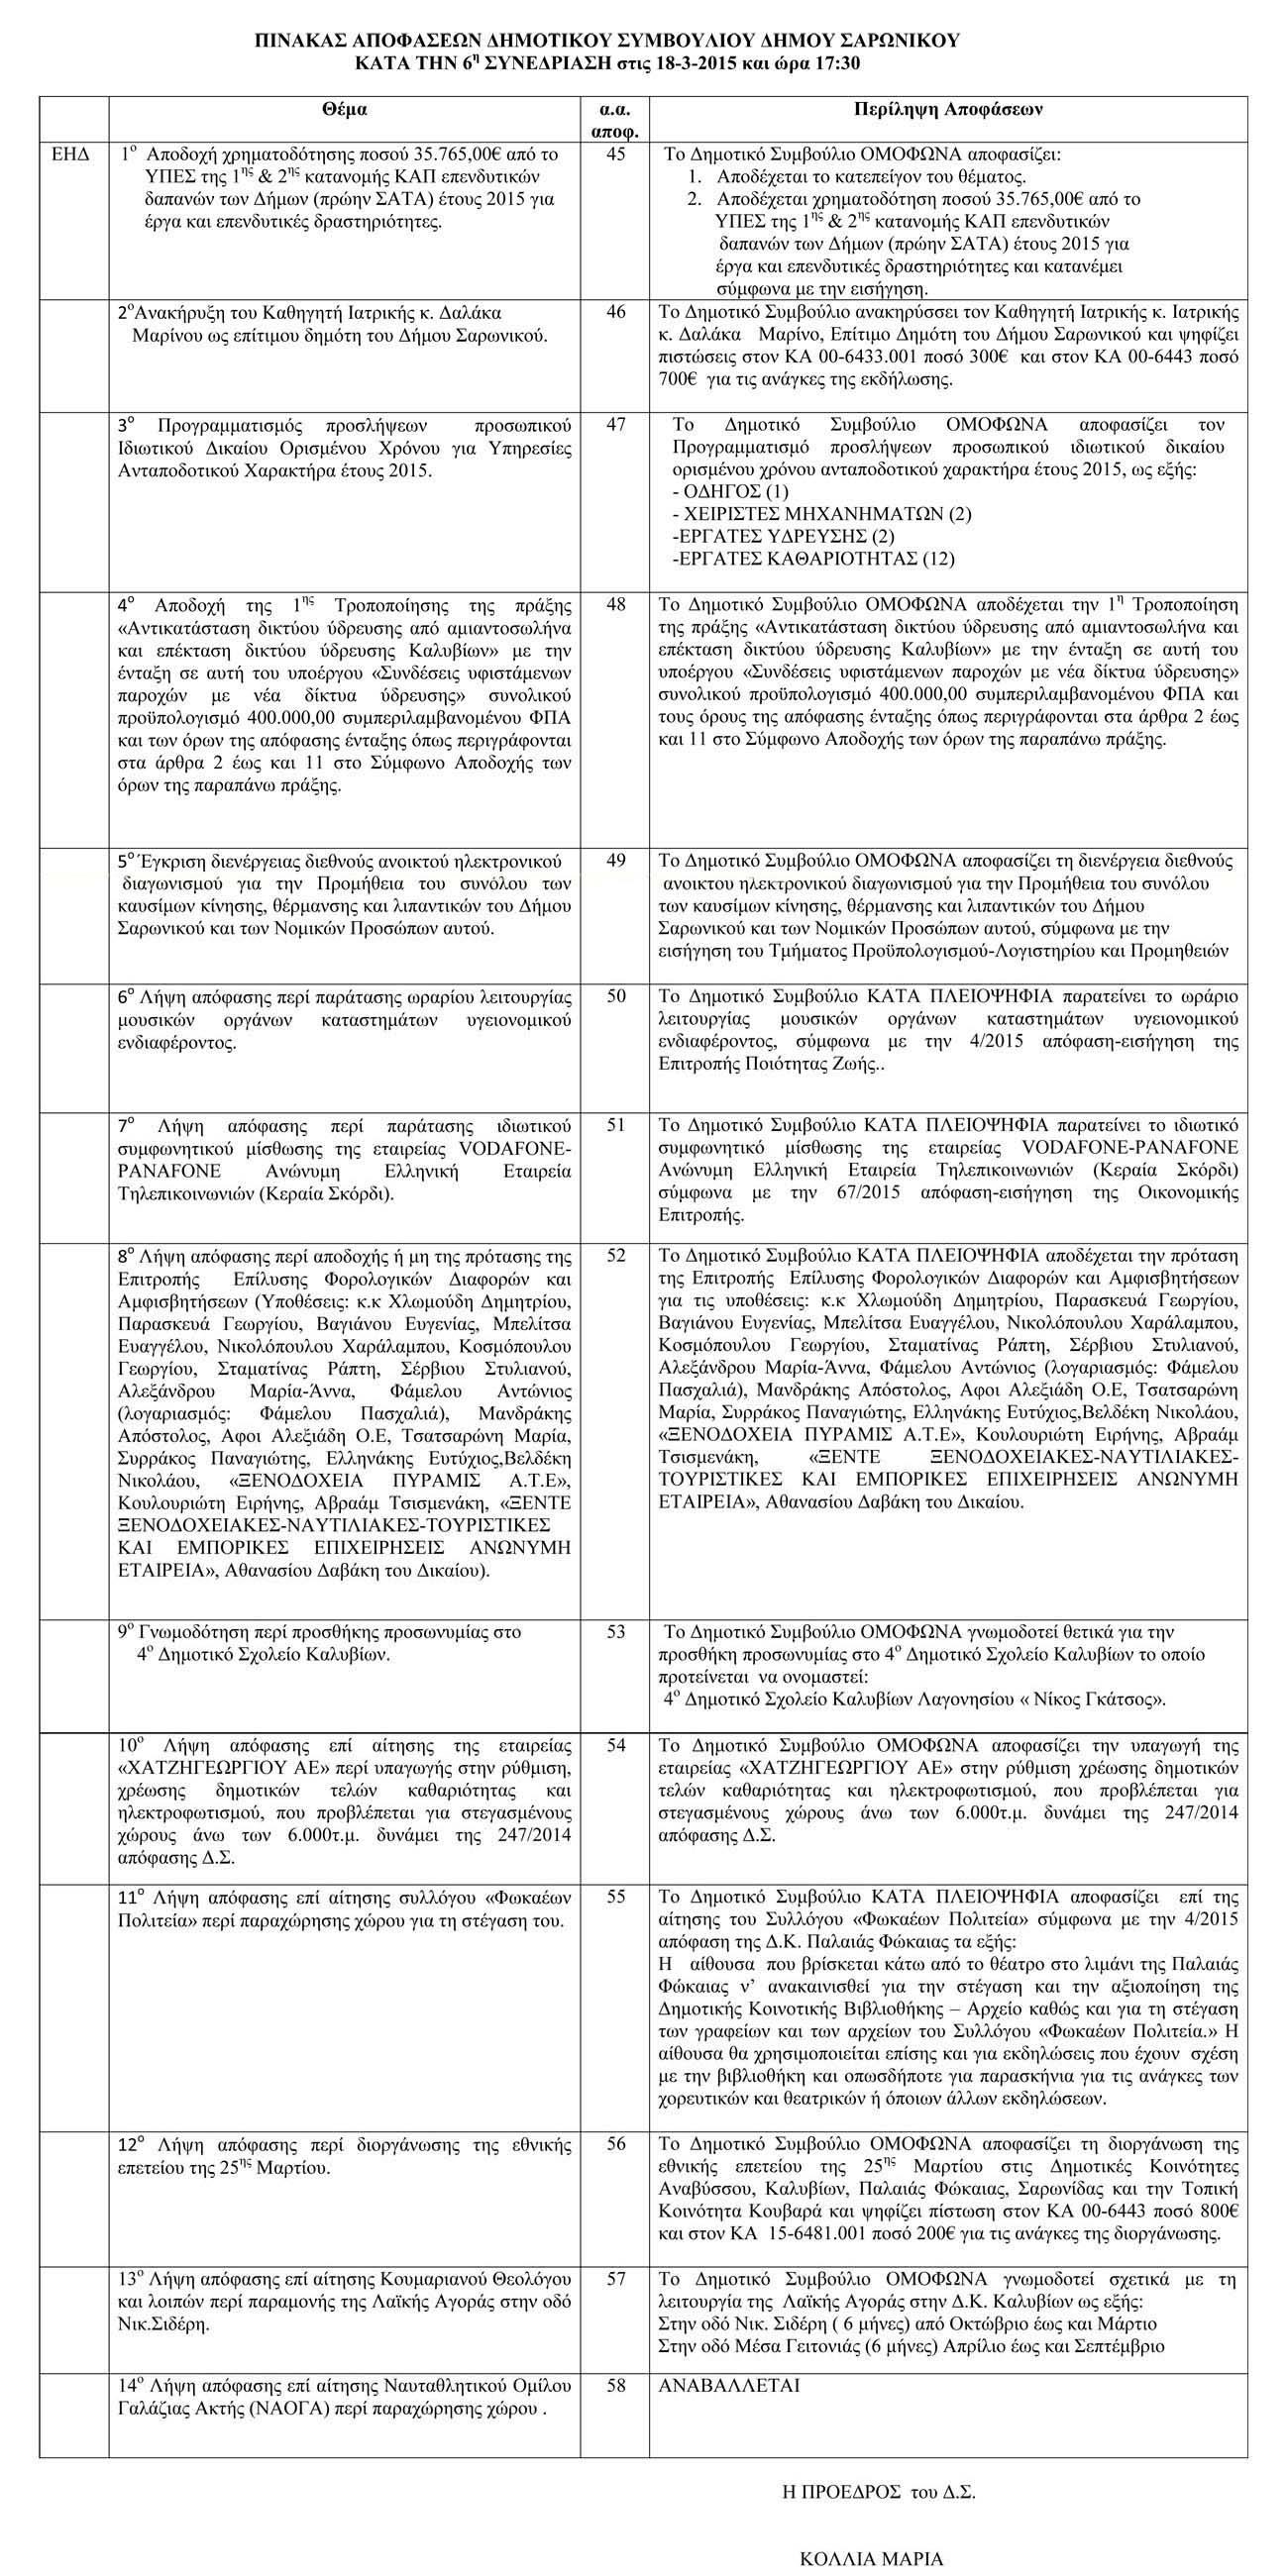 Πίνακας Αποφάσεων Δημοτικού Συμβουλίου 18-3-2015